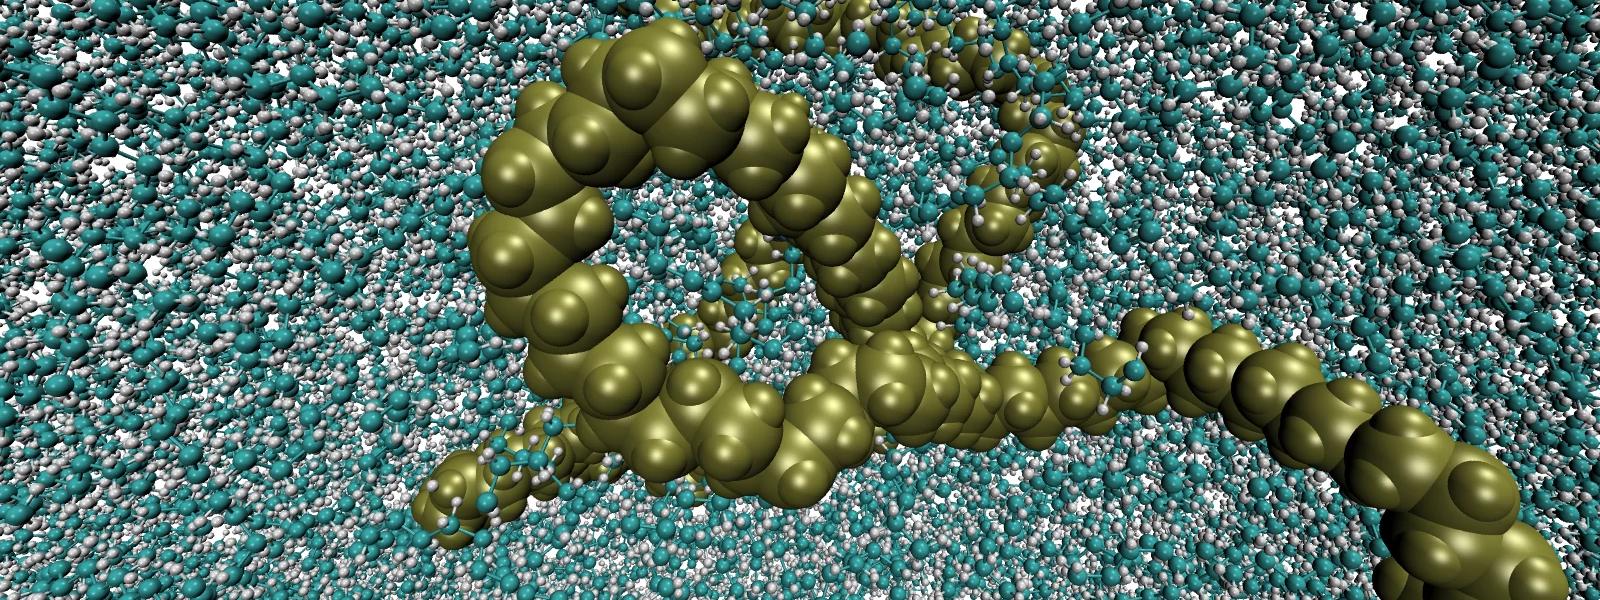 Mikael Unge material simulation